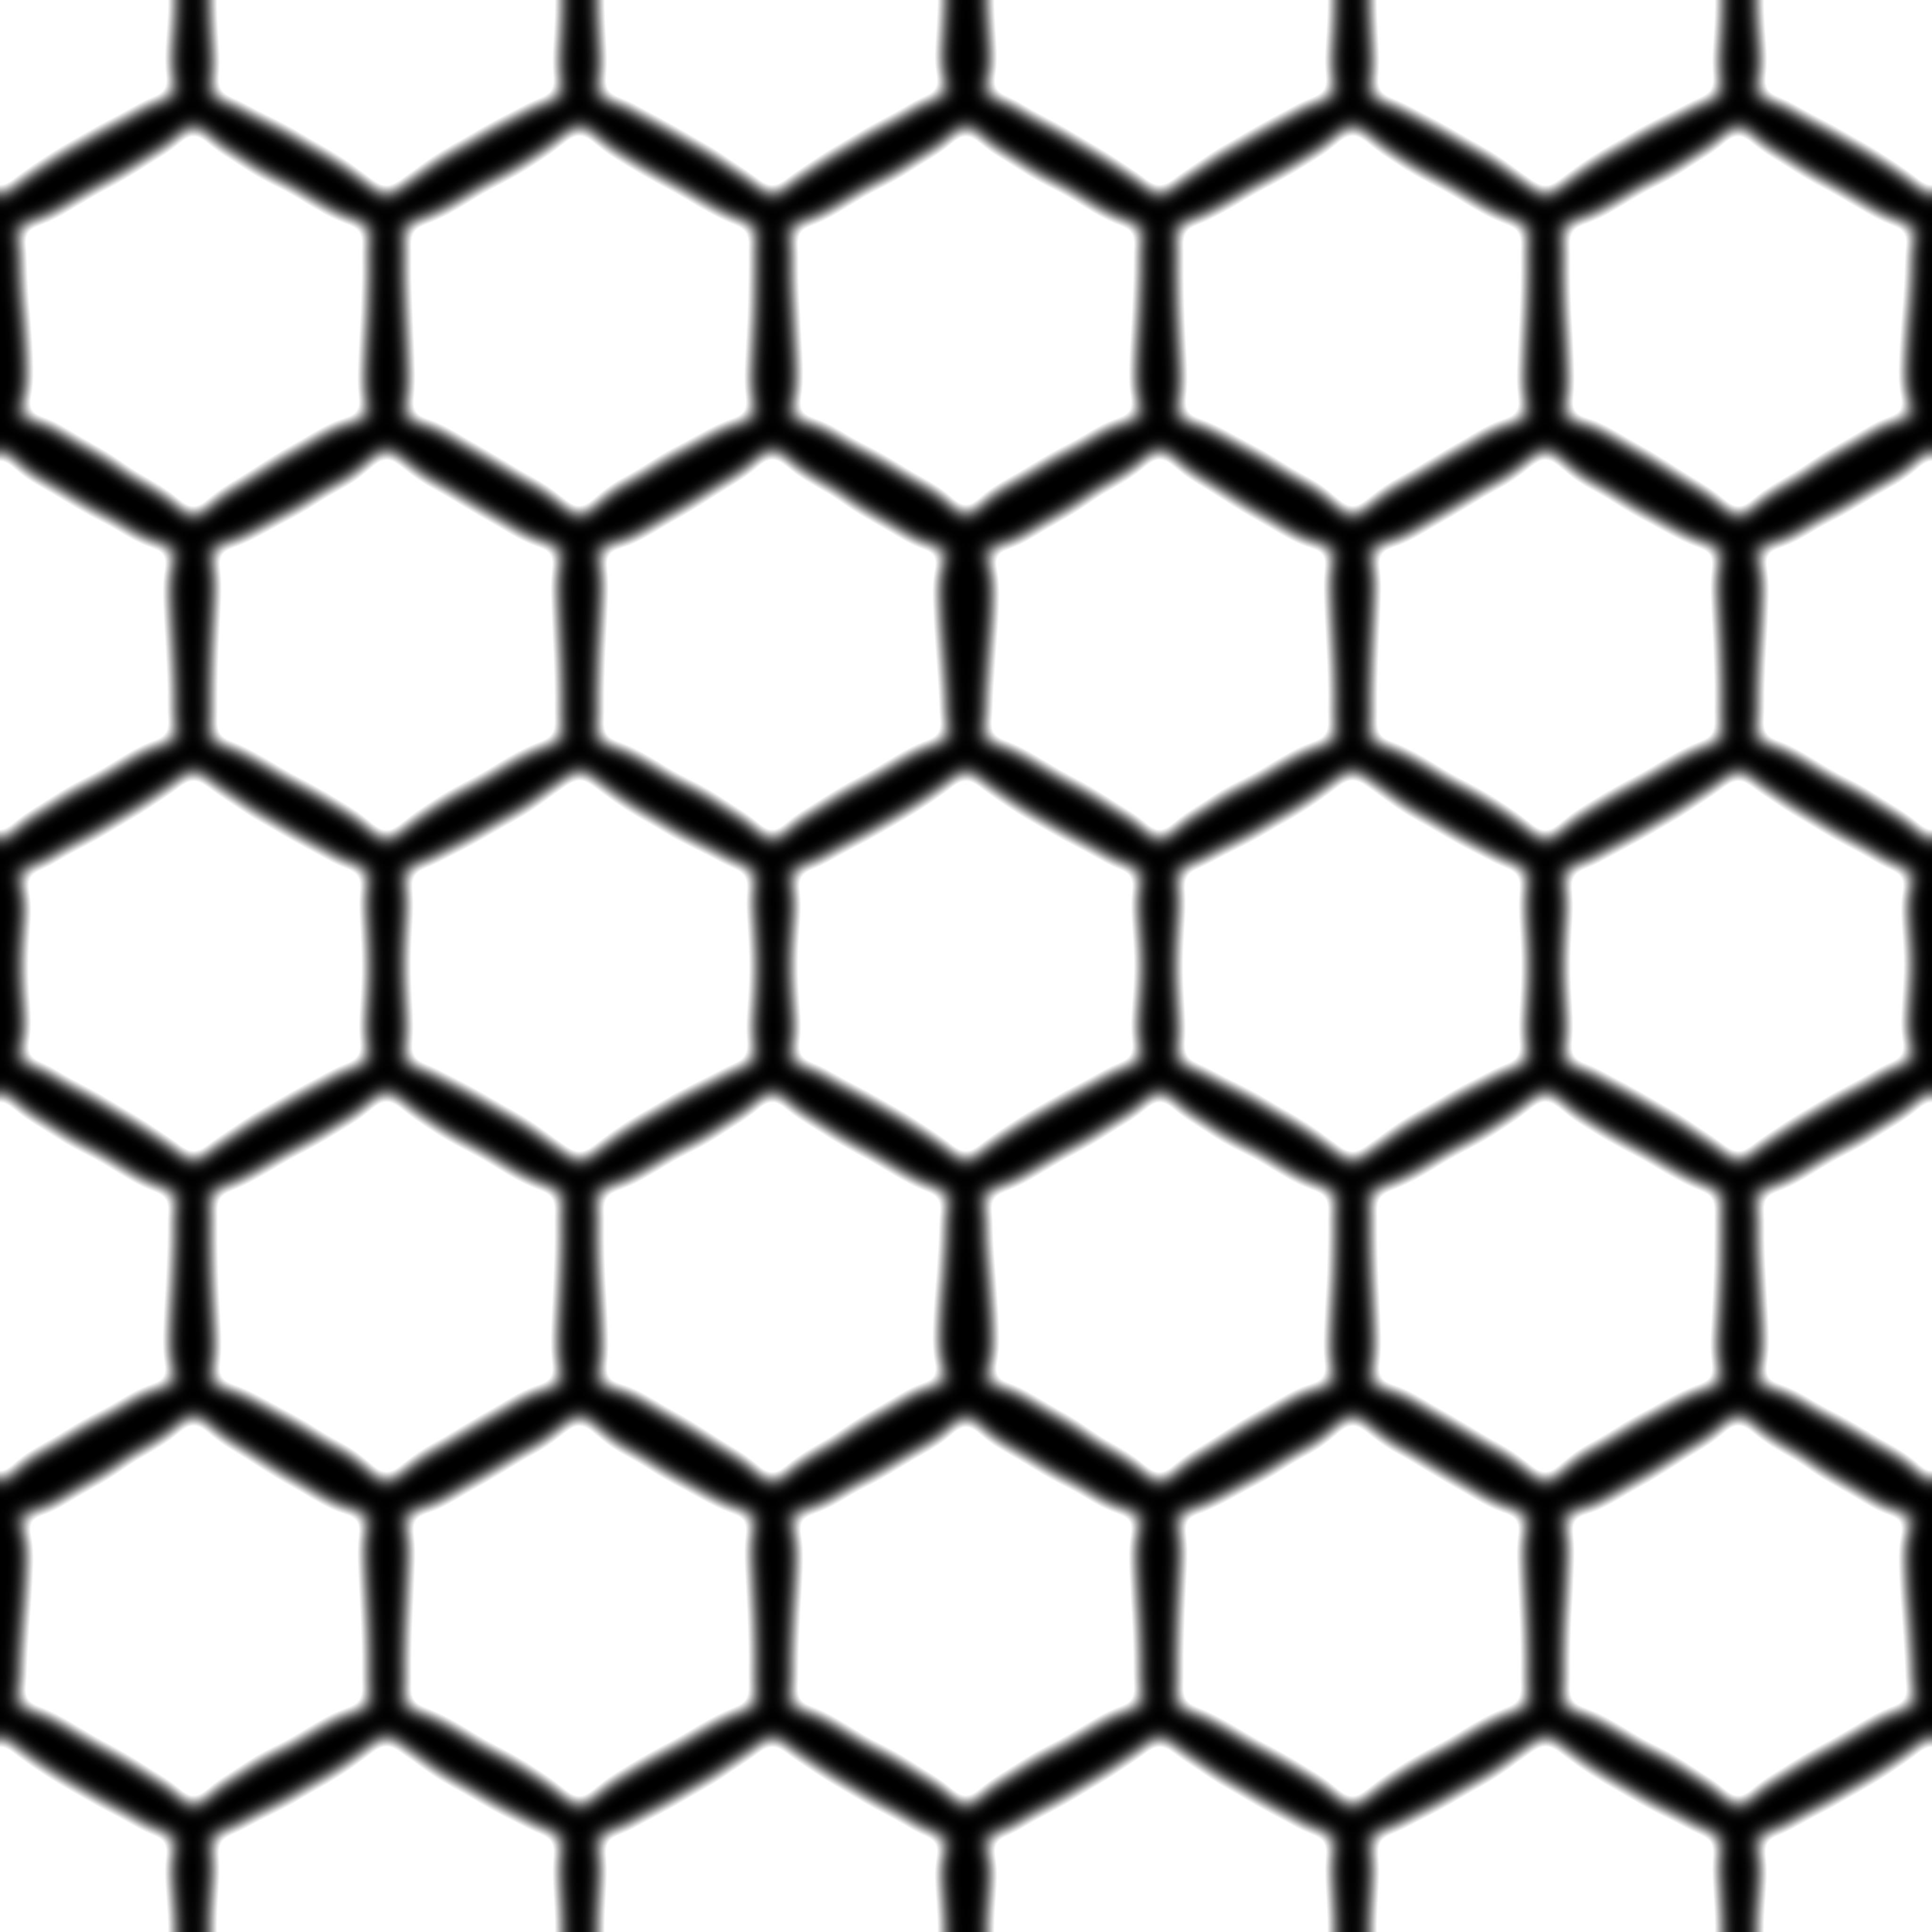 4096 scifi hex tiles pbr texture